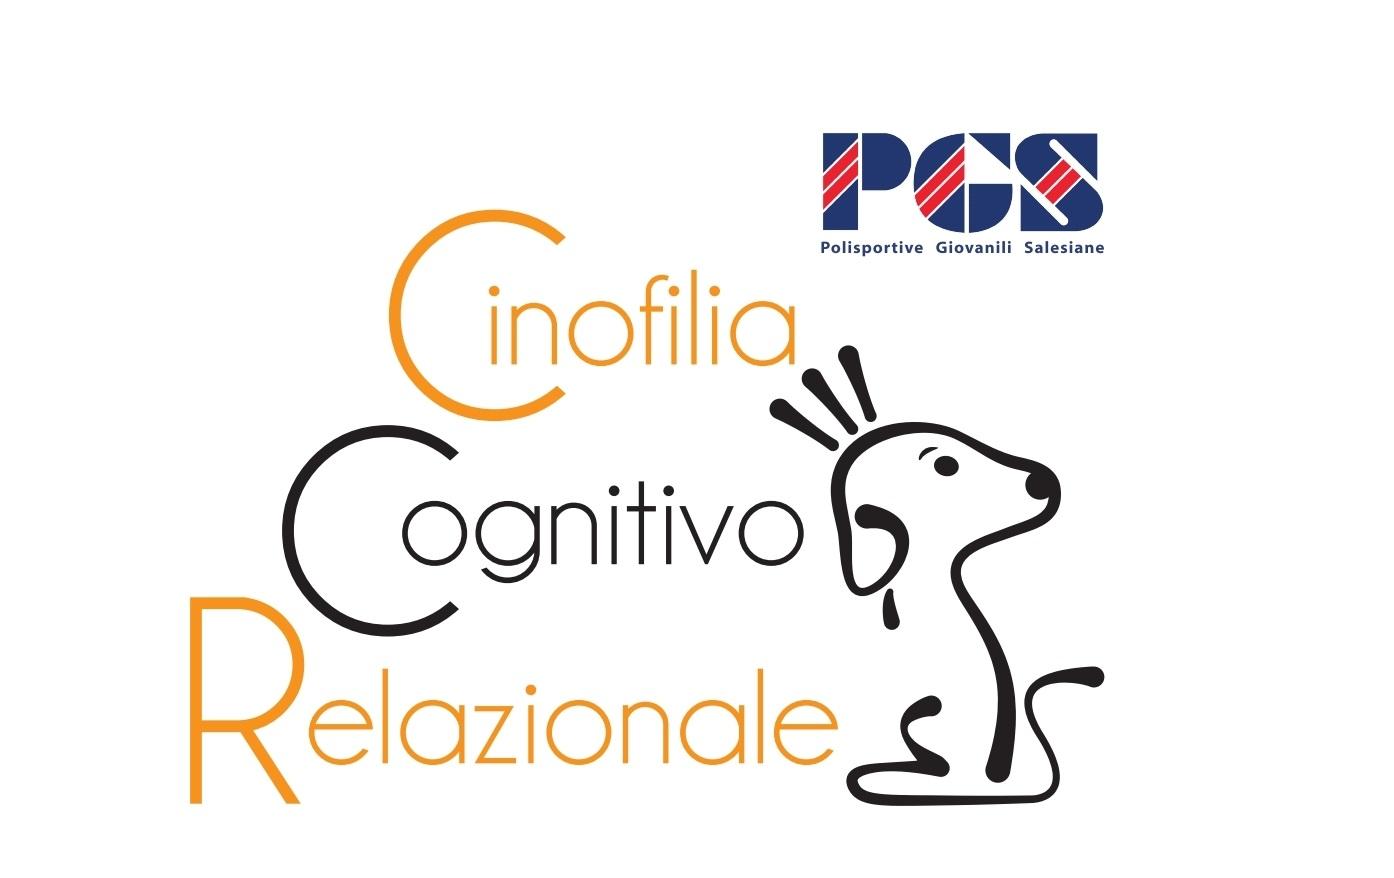 Cinofilia Cognitivo Relazionale